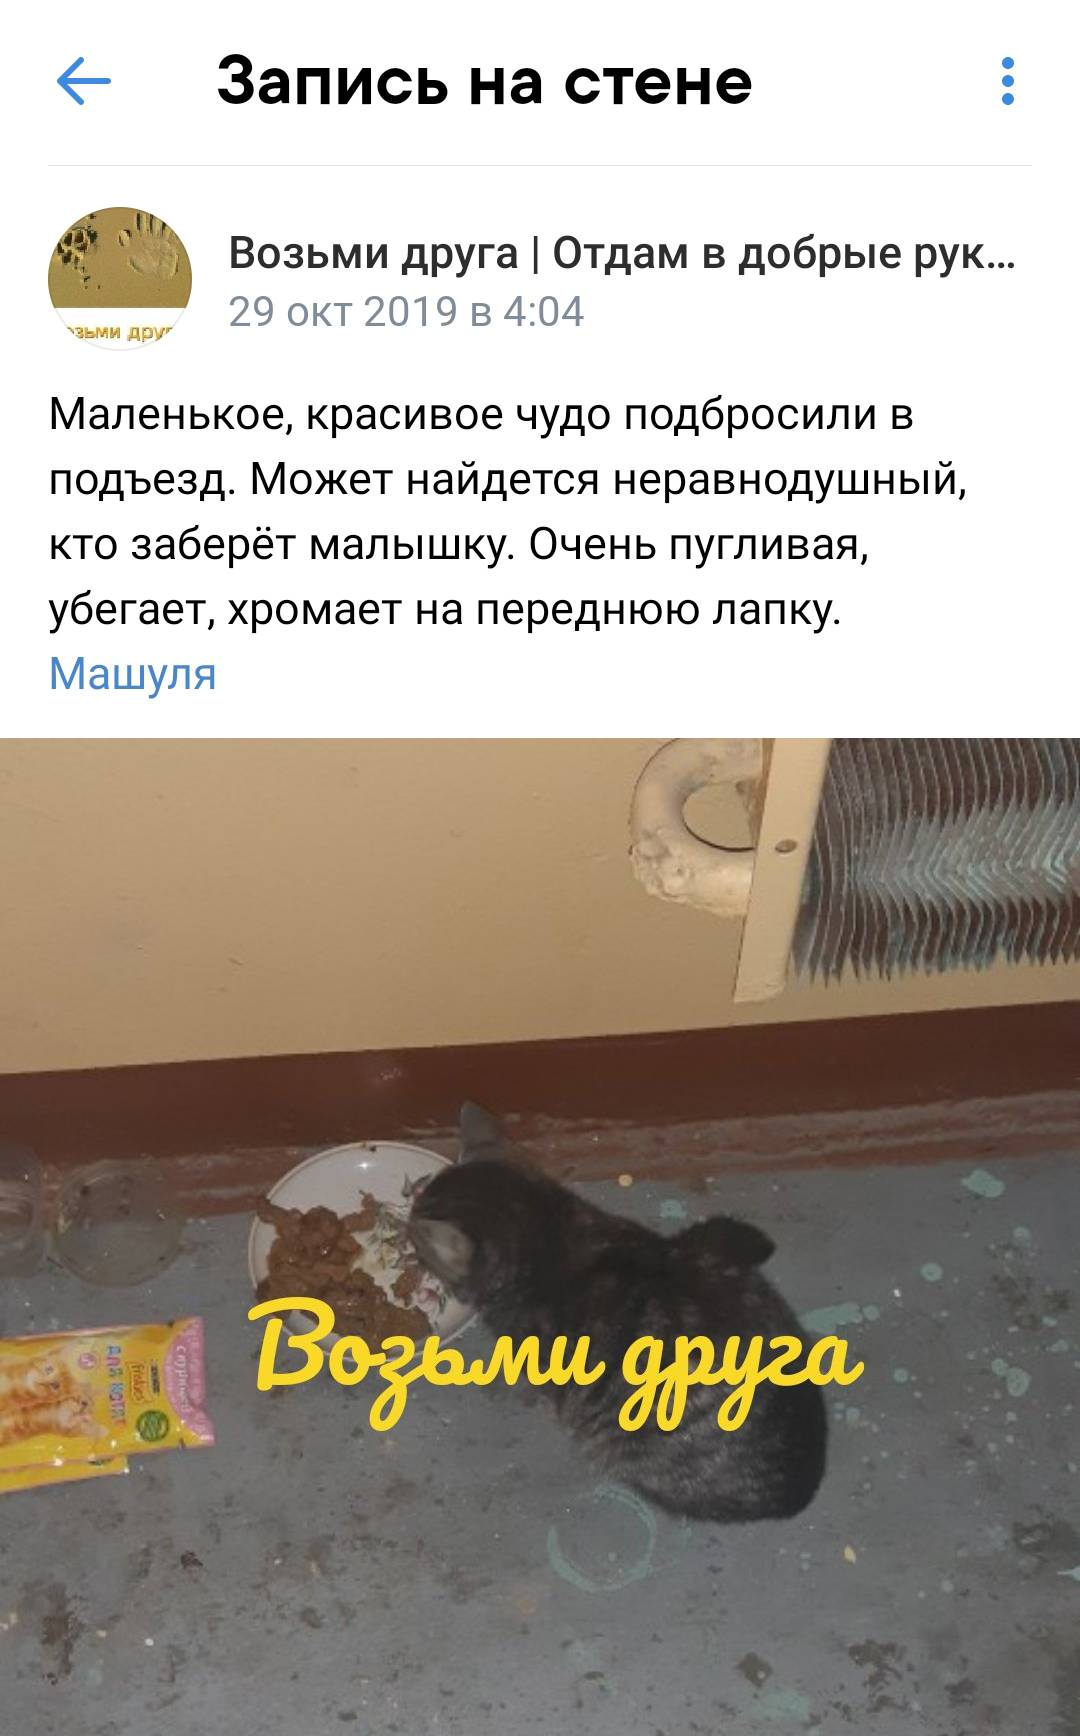 Вот так выглядят типичные посты о бездомных котах. Это пост о моей кошке Кесе. Источник: vk.com